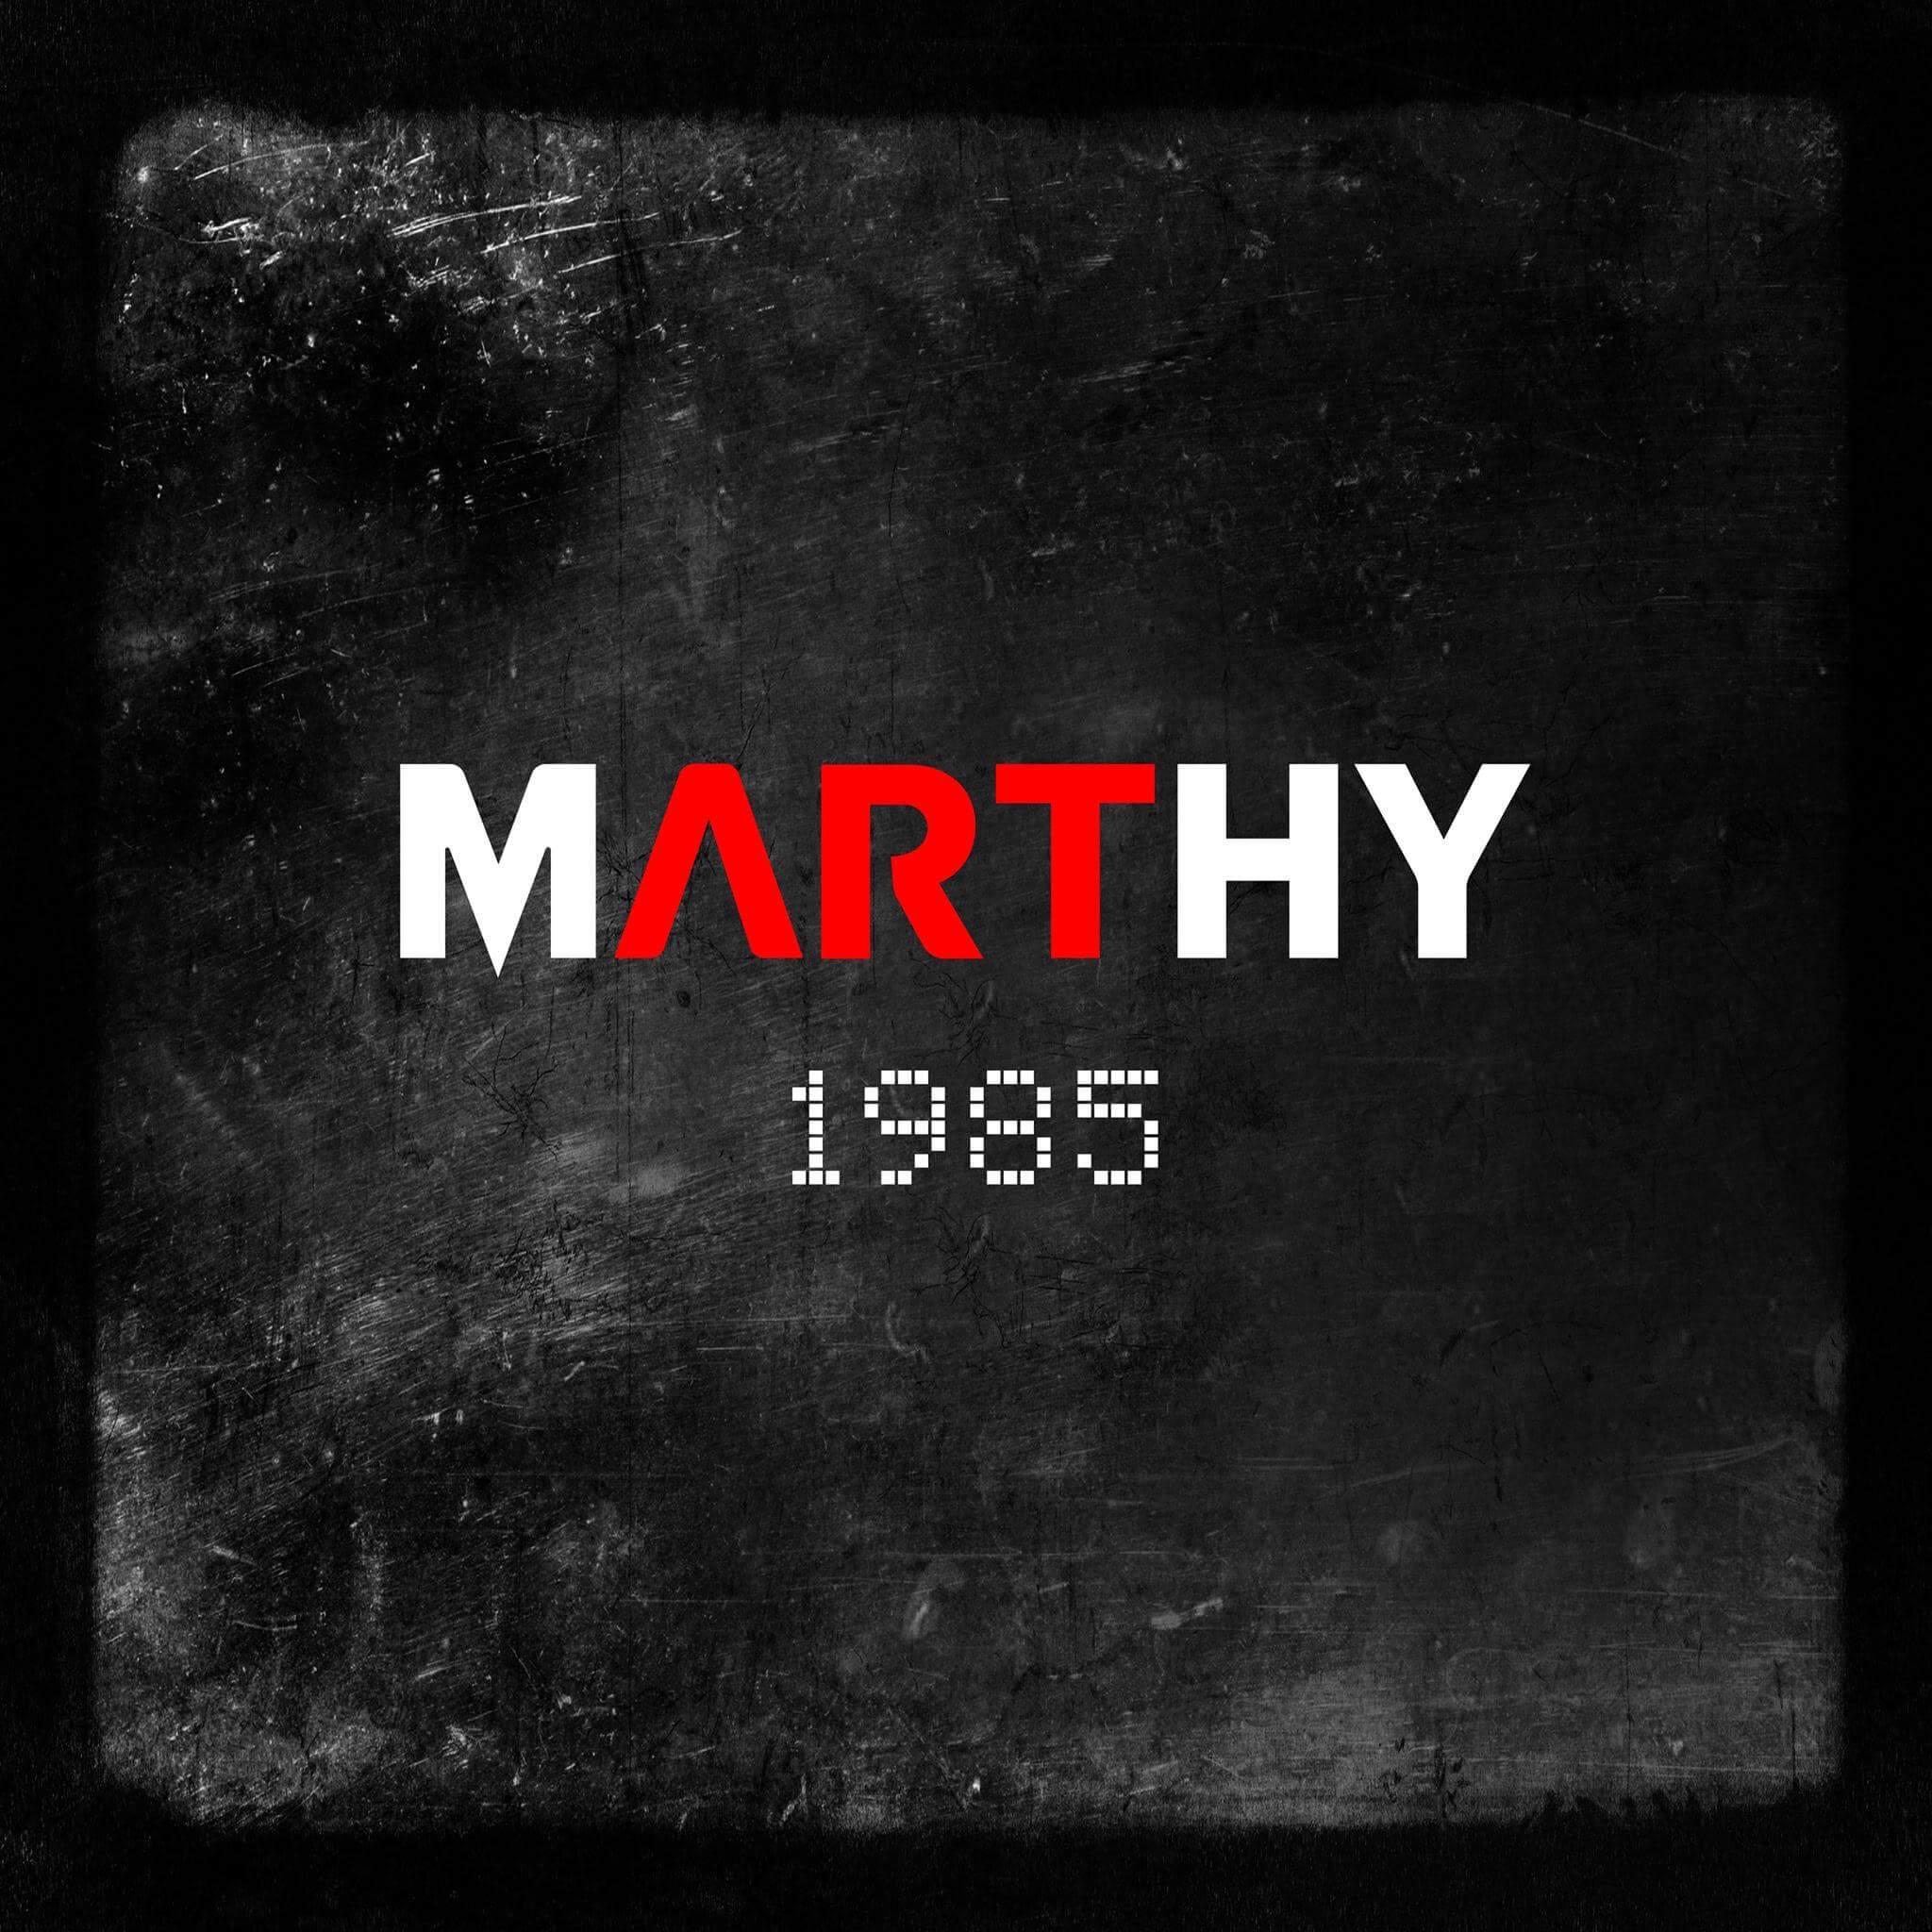 Marthy: česká hudba, hudebník, zpěvák, skladatel, textař, multiinstrumentalista - unnamed - Marthy